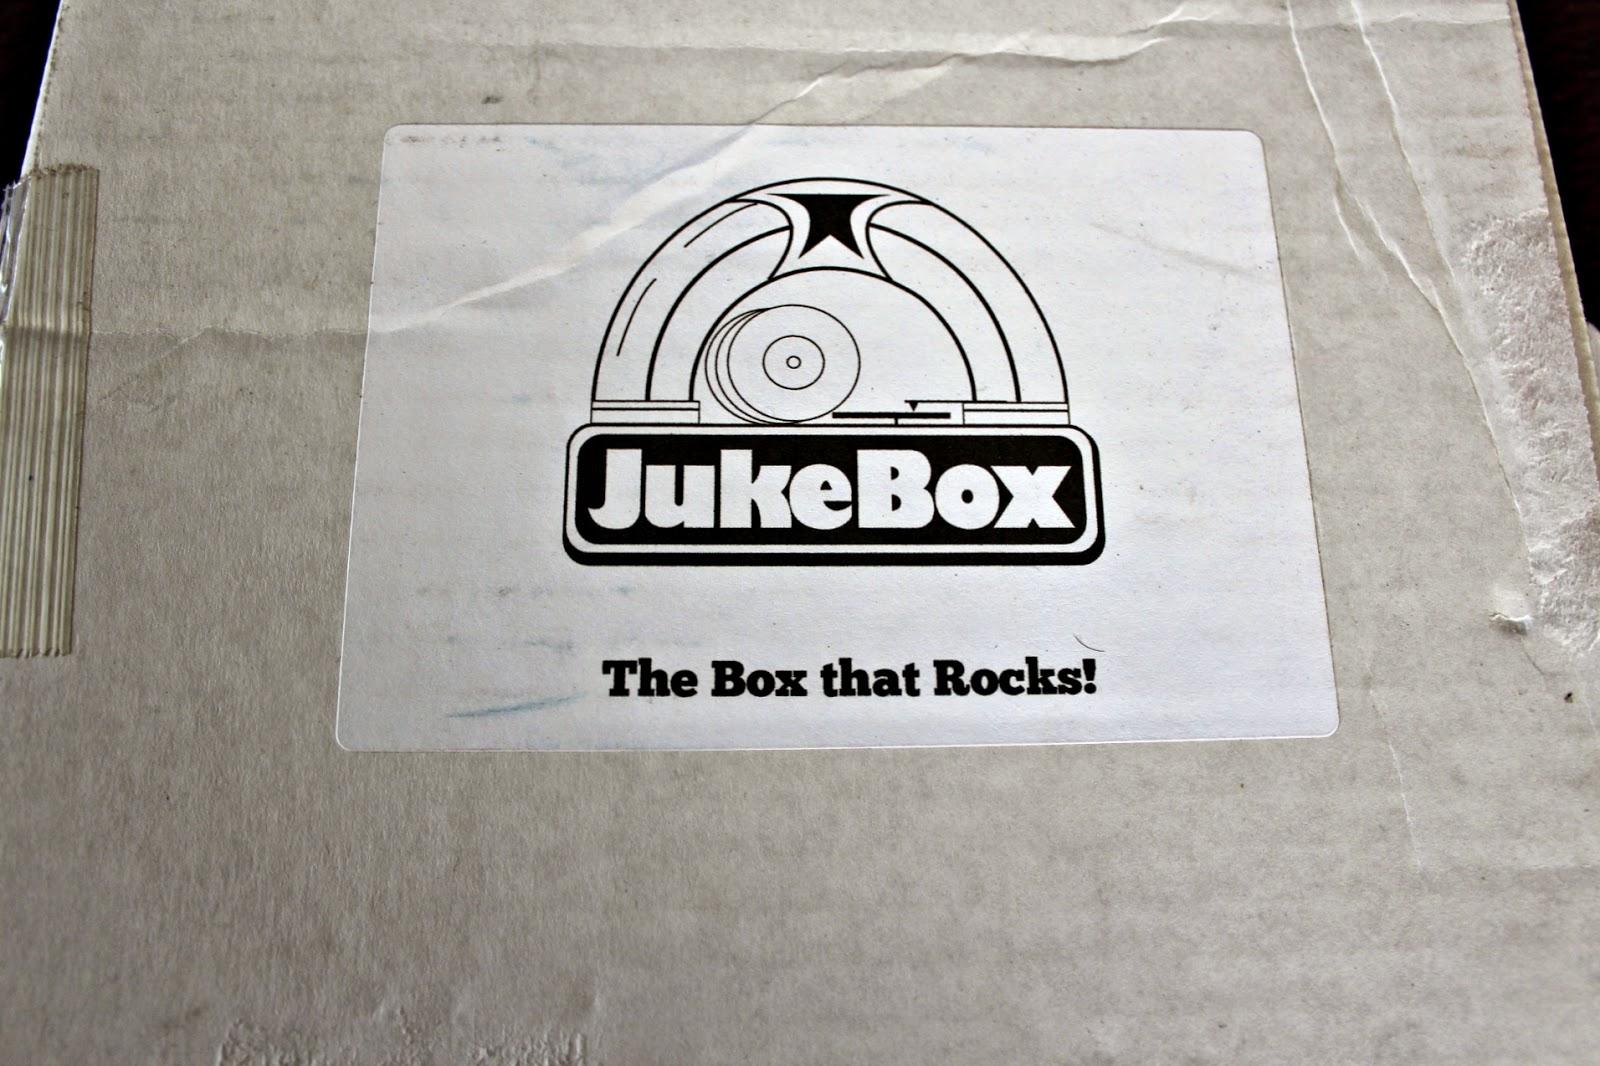 Kitchen jukebox coupon code